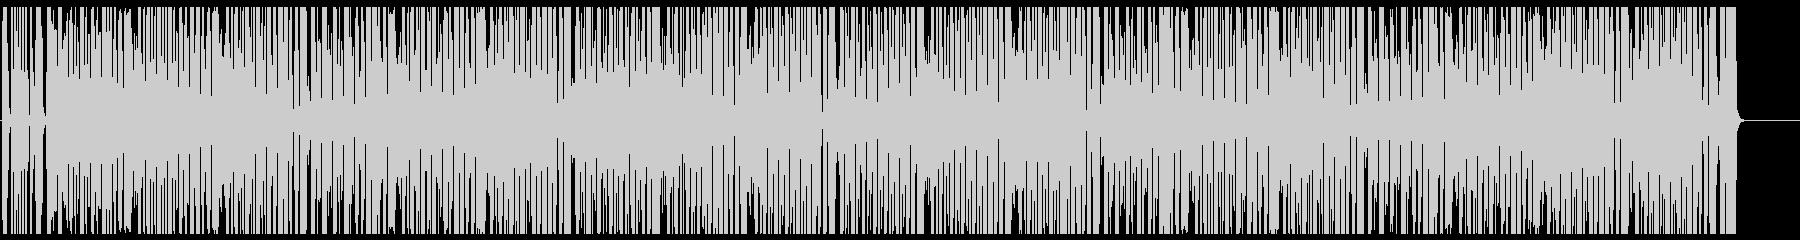 フォークダンスの定番、有名曲コロブチカの未再生の波形